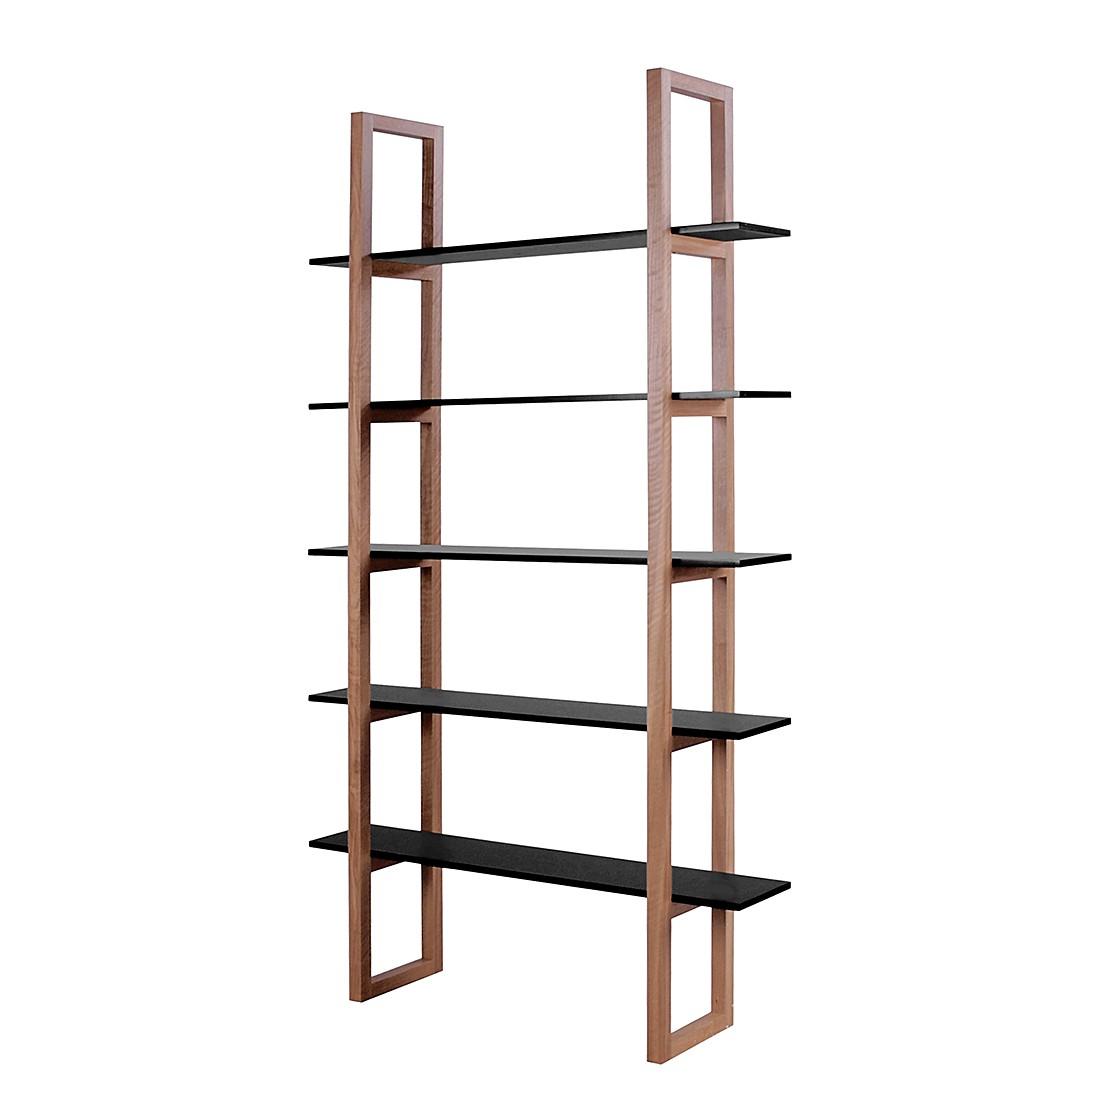 b cherregal store eiche teilmassiv schwarz m rteens. Black Bedroom Furniture Sets. Home Design Ideas